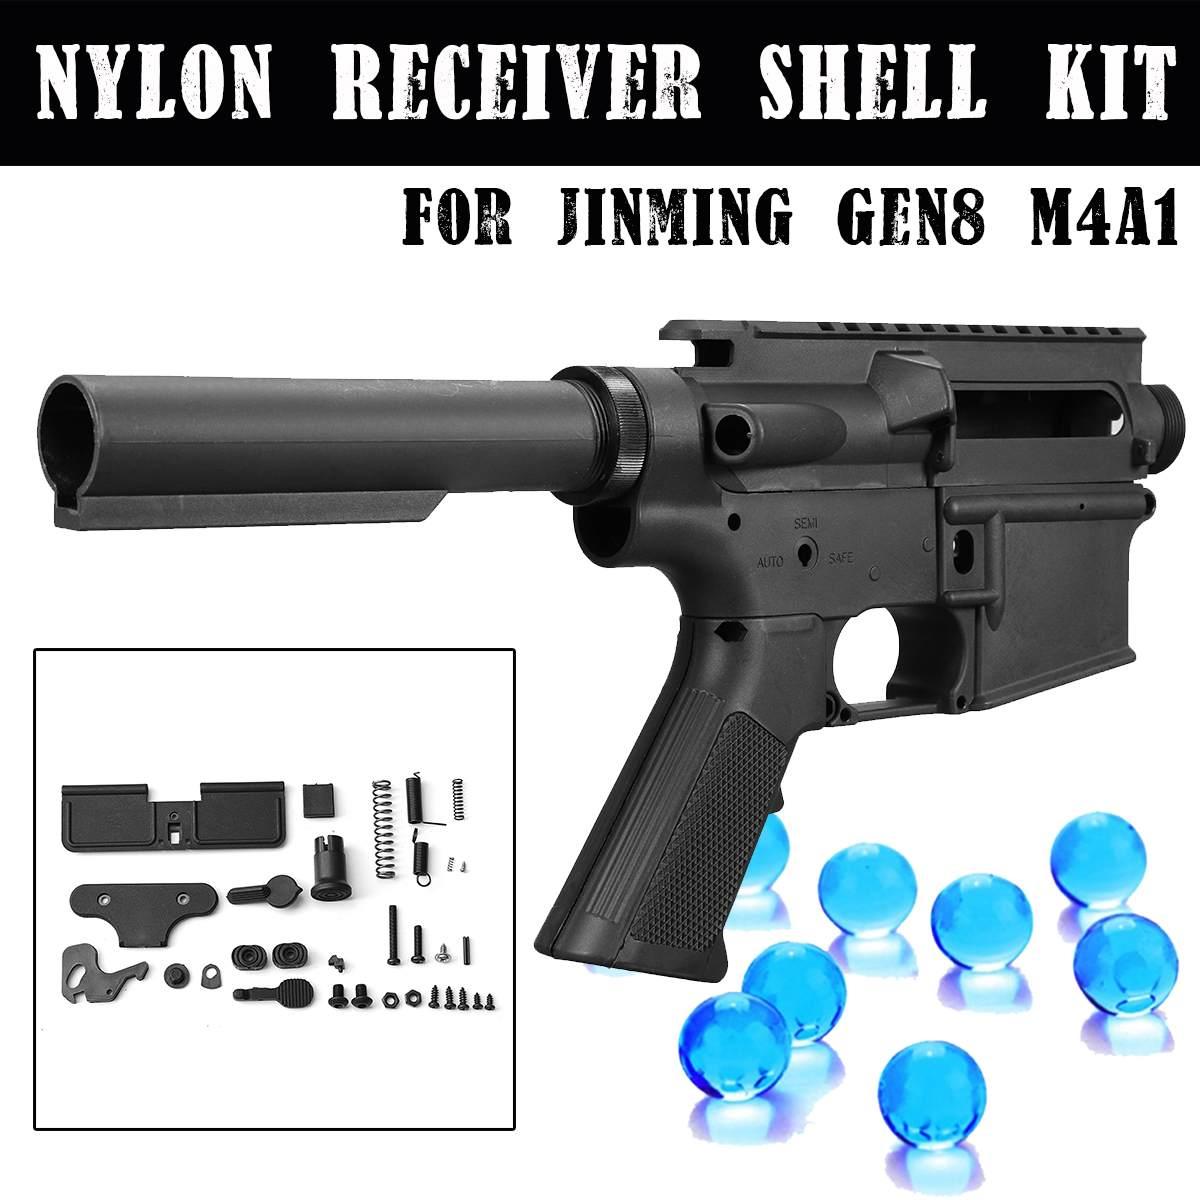 Kit de coque de récepteur en Nylon noir pour JinMing 8th M4A1 jeu blaster de balle de Gel d'eau accessoires de remplacement de pistolets à jouets